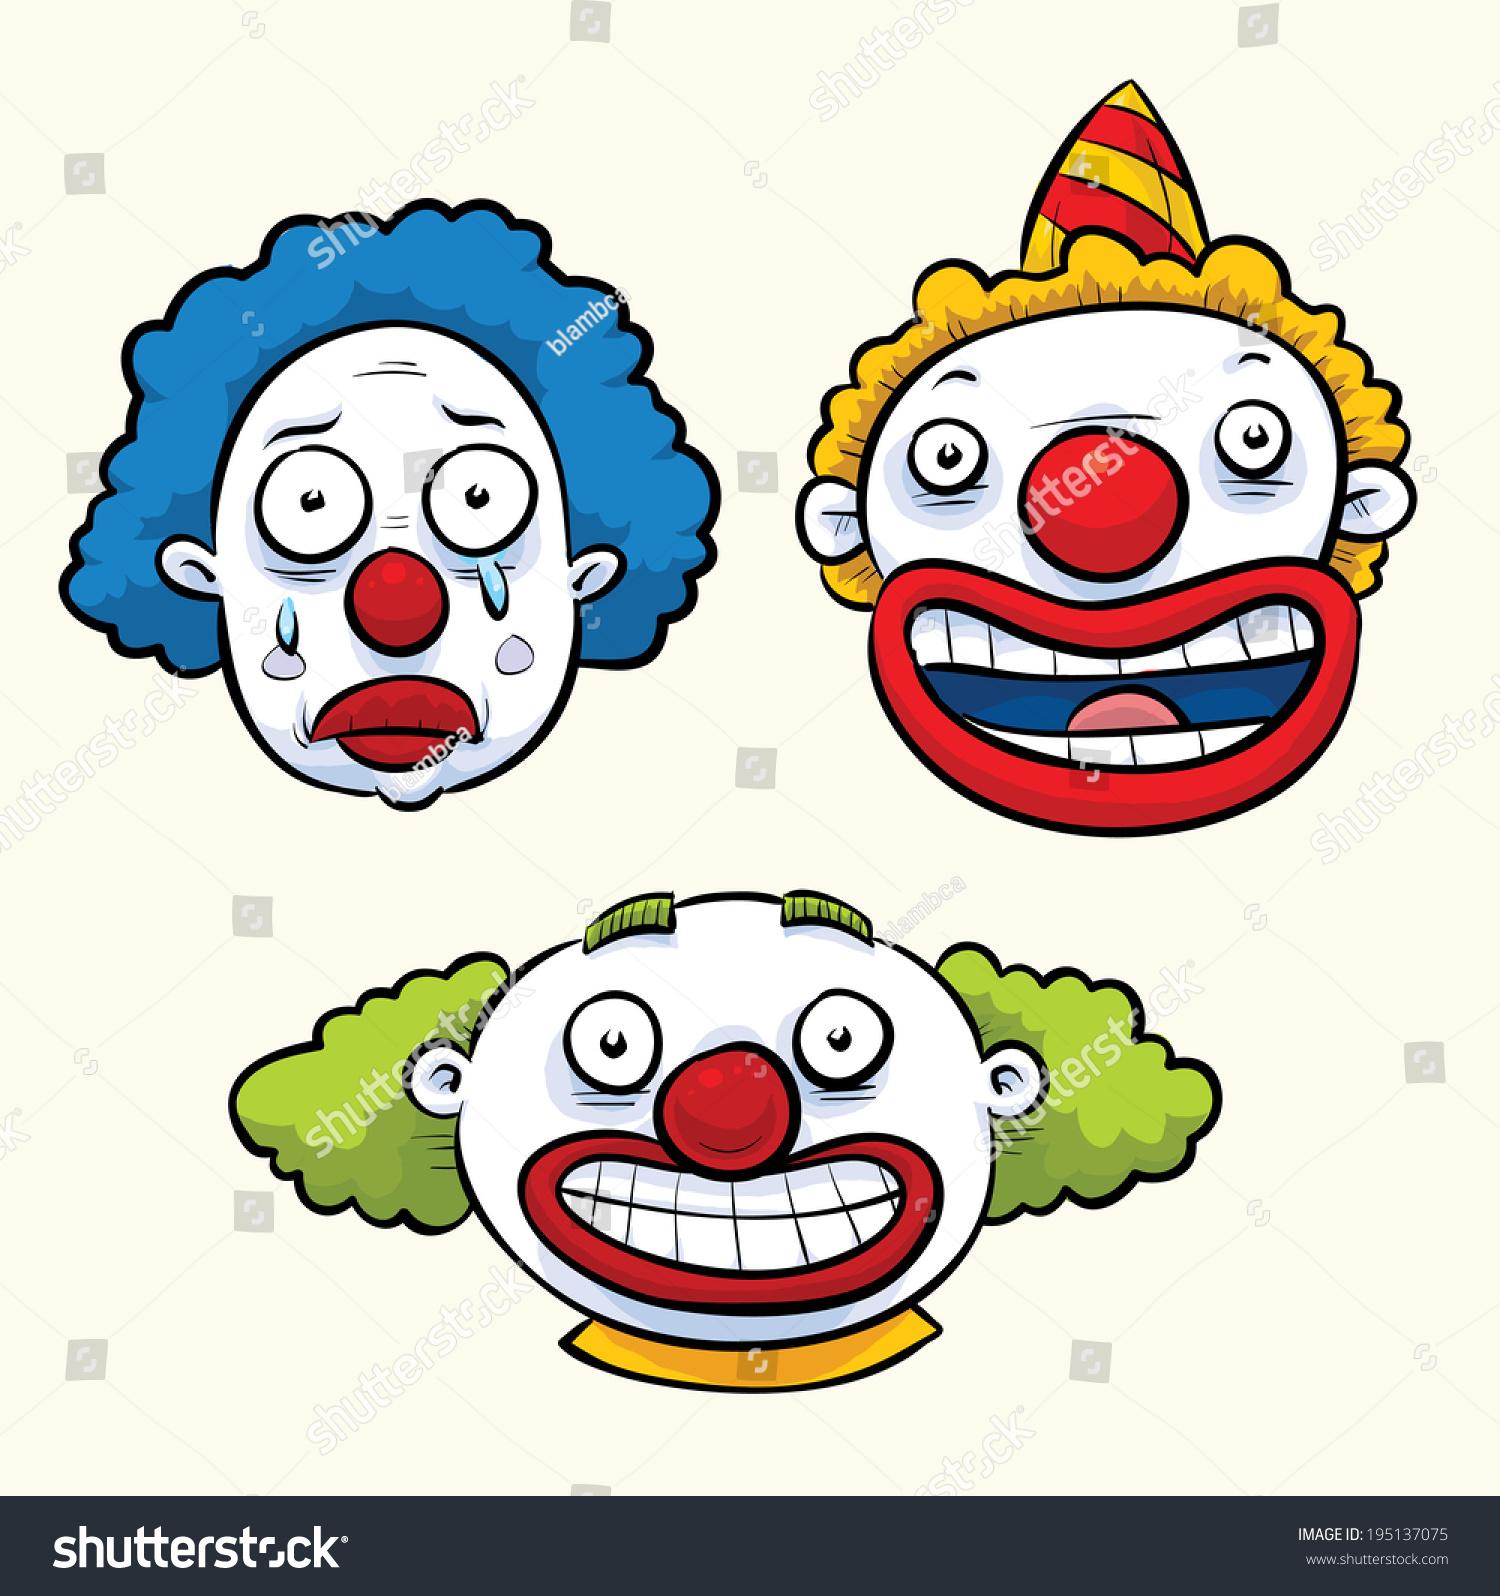 一组三个的卡通小丑了滑稽的表情.-人物,其它-海洛()图片